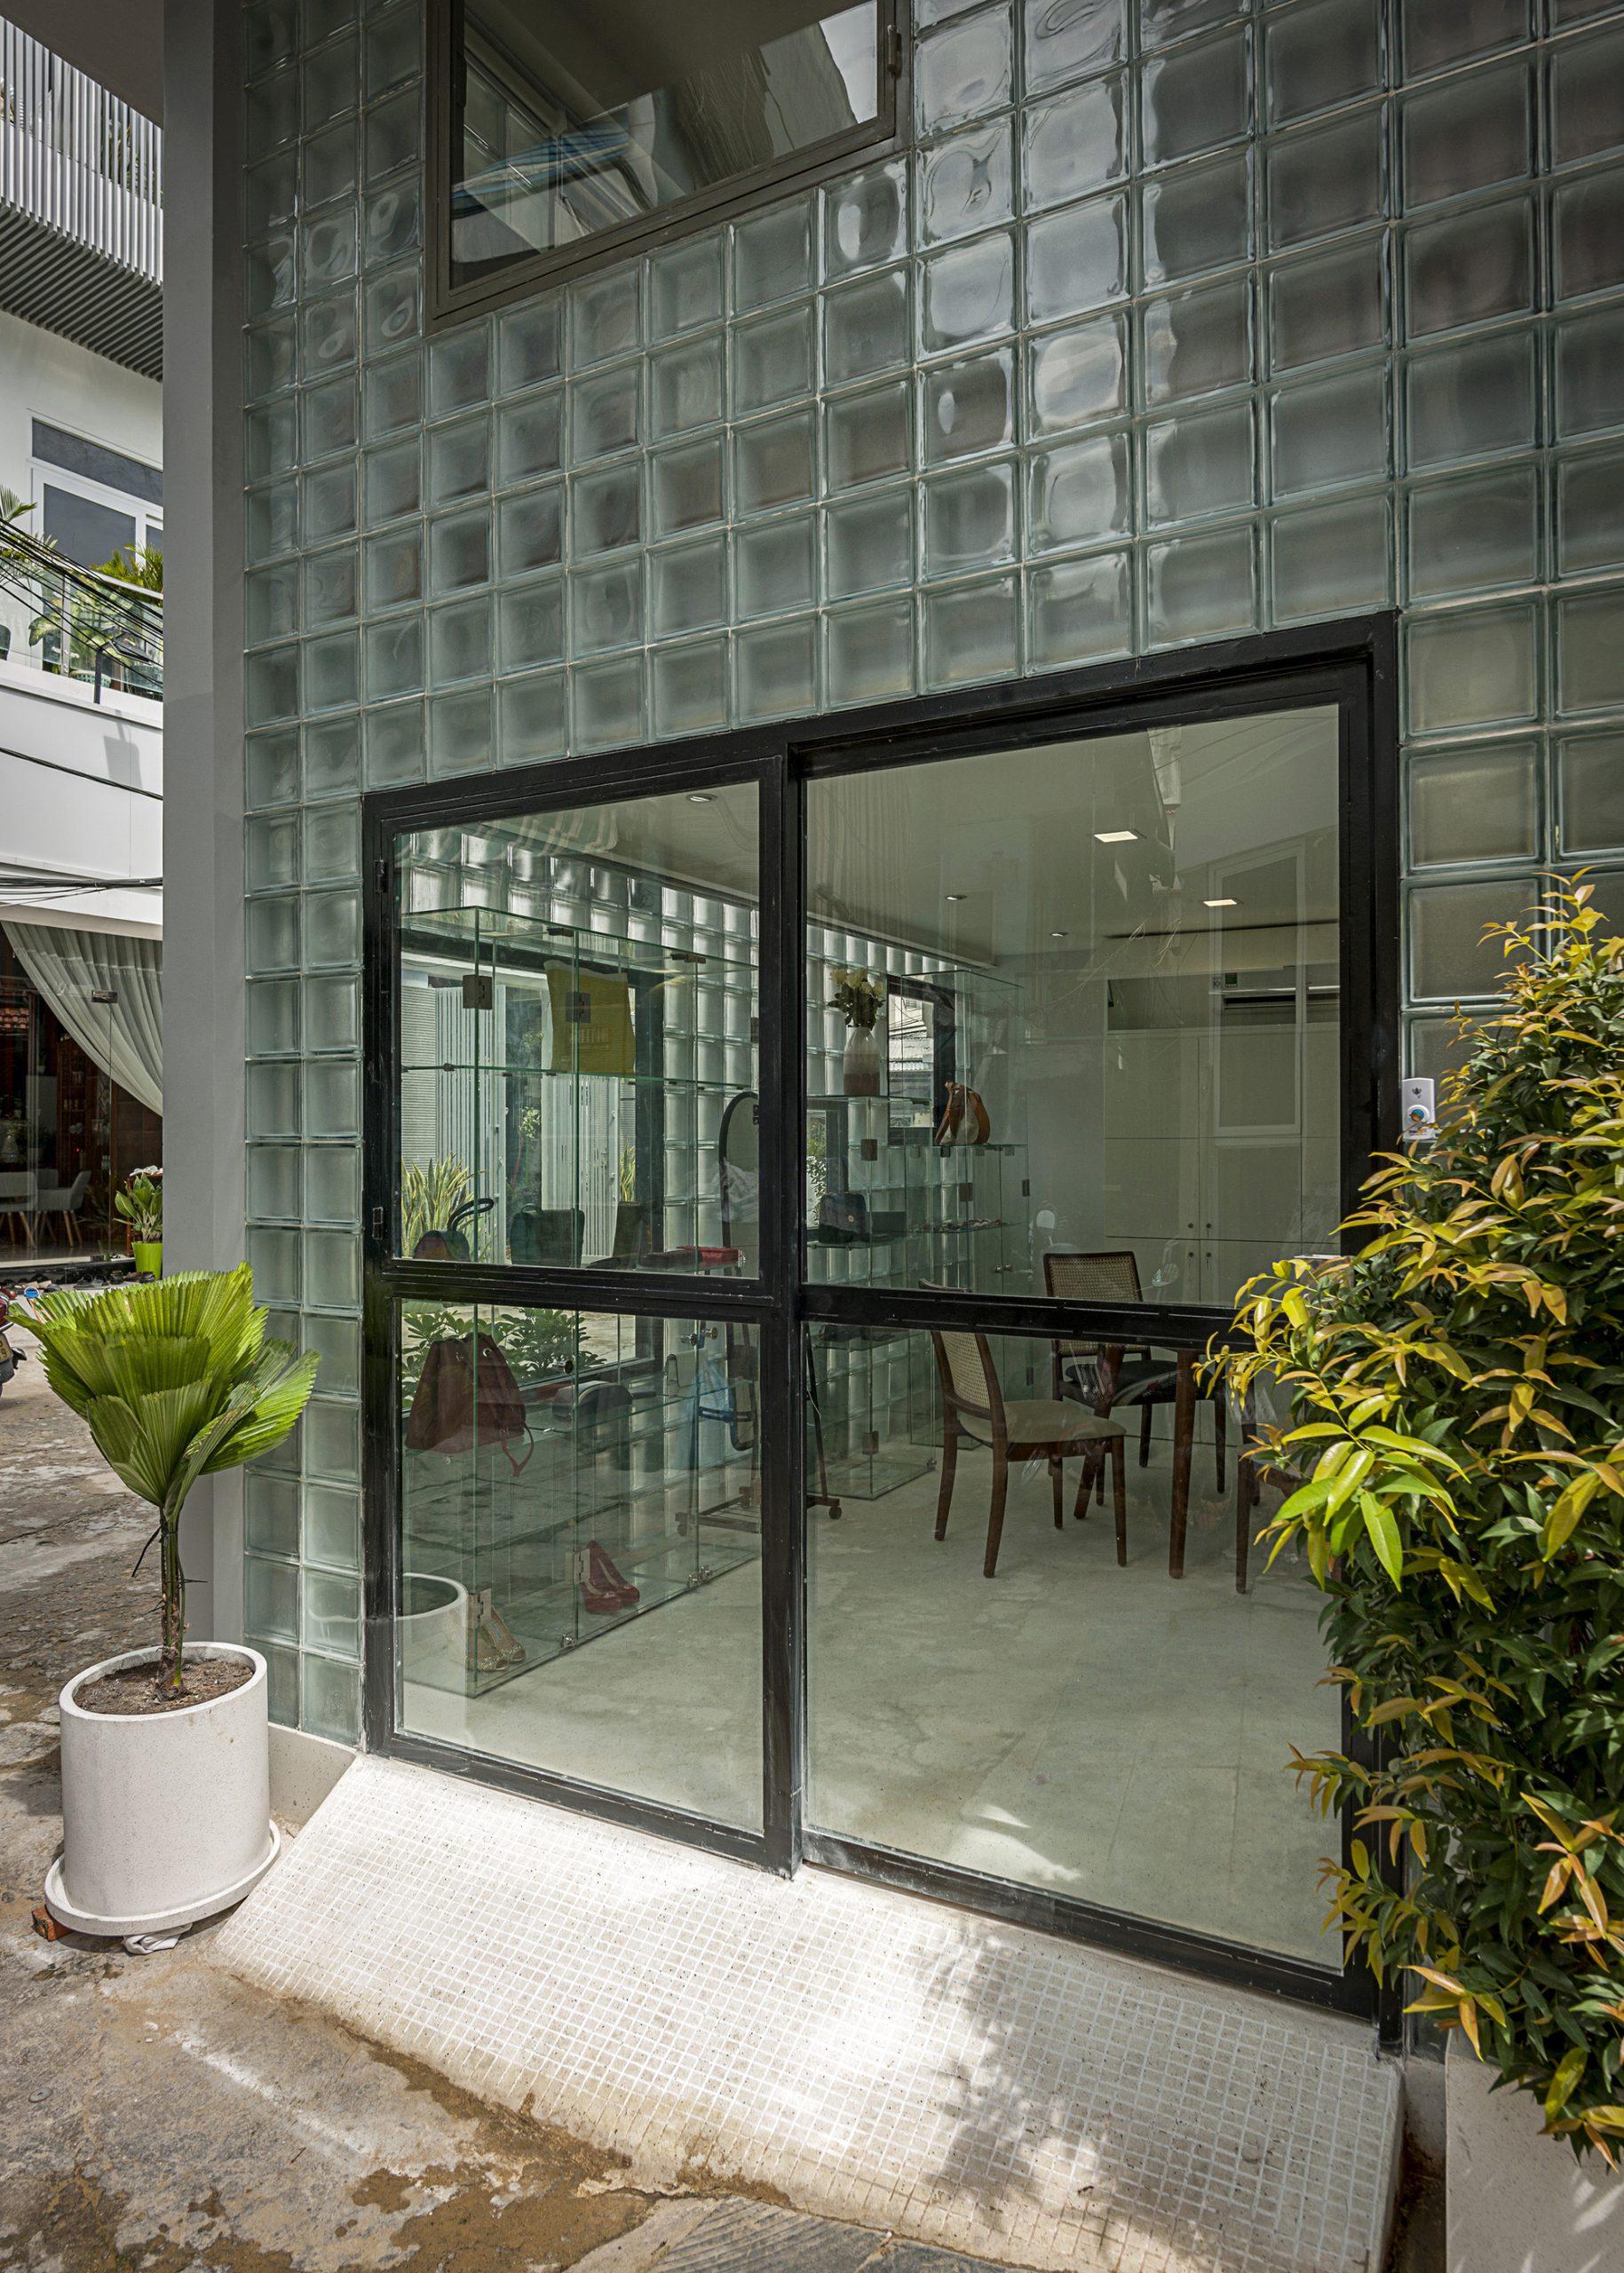 Harga Glass Block Per Dus Terbaru Ciptakan Pencahayaan Alami Di Ruangan Terbaru Biaya Info Harga glass block 2021